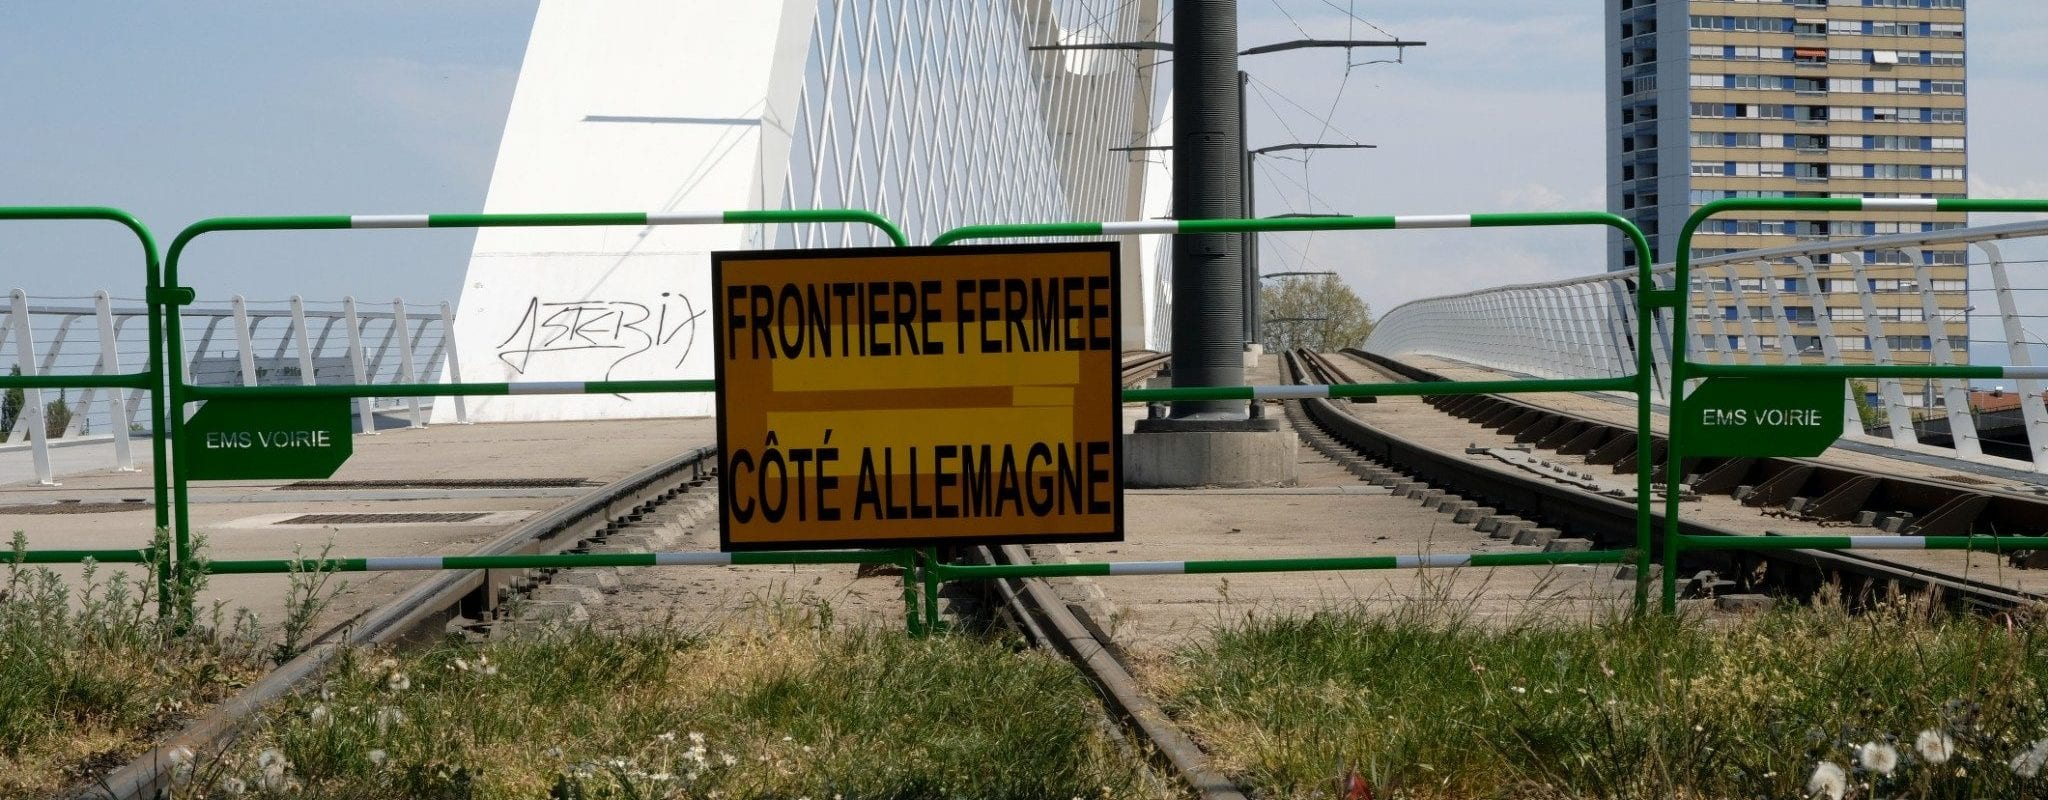 En Alsace, le retour de la frontière fait craindre la «fin d'un espace commun»